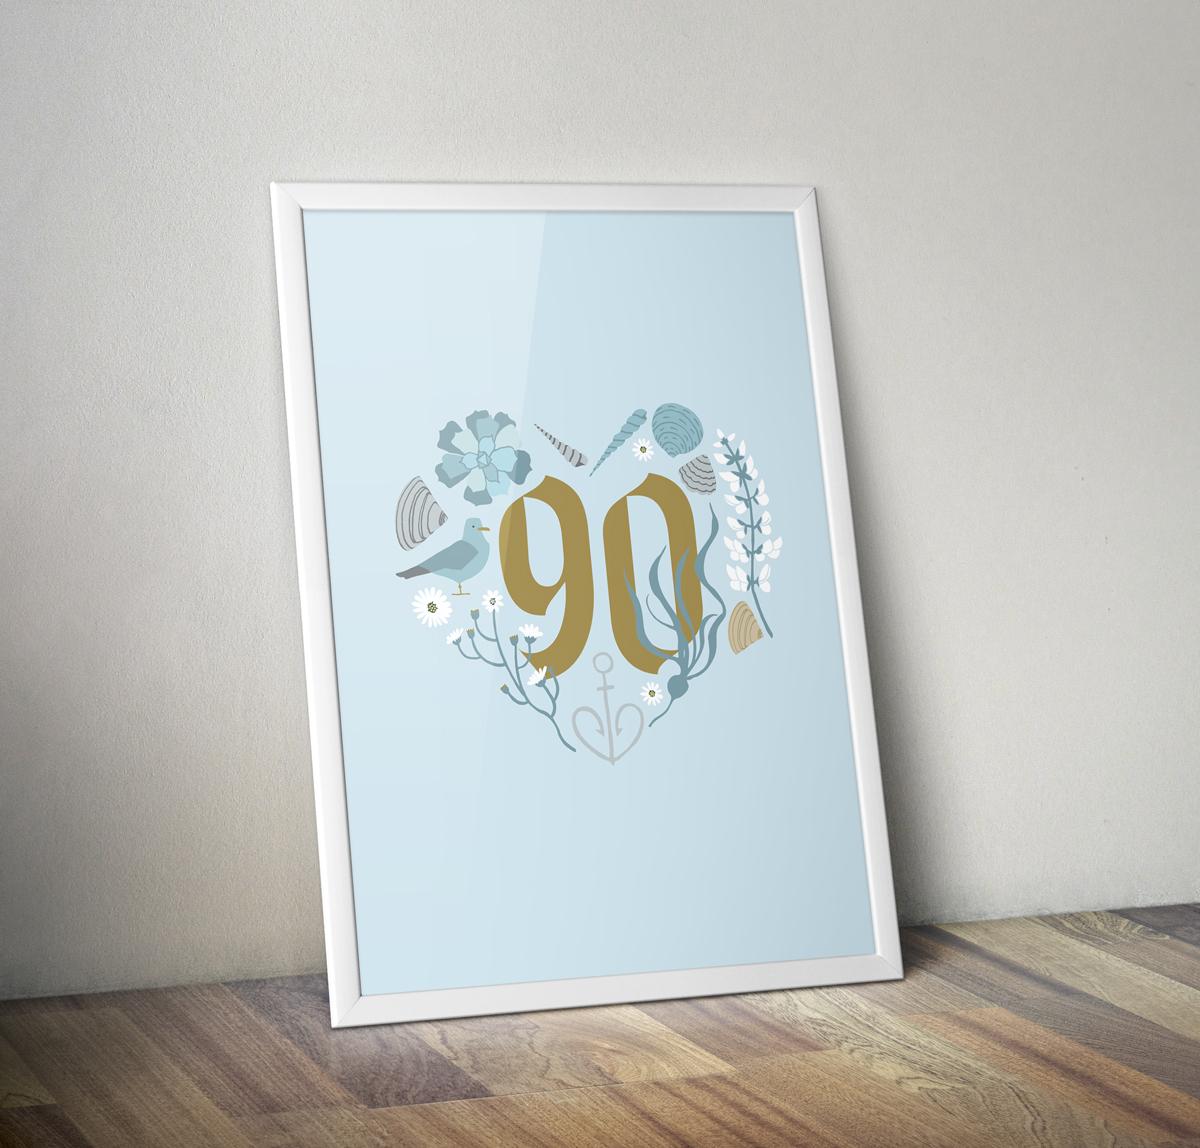 Grandpa's 90th poster